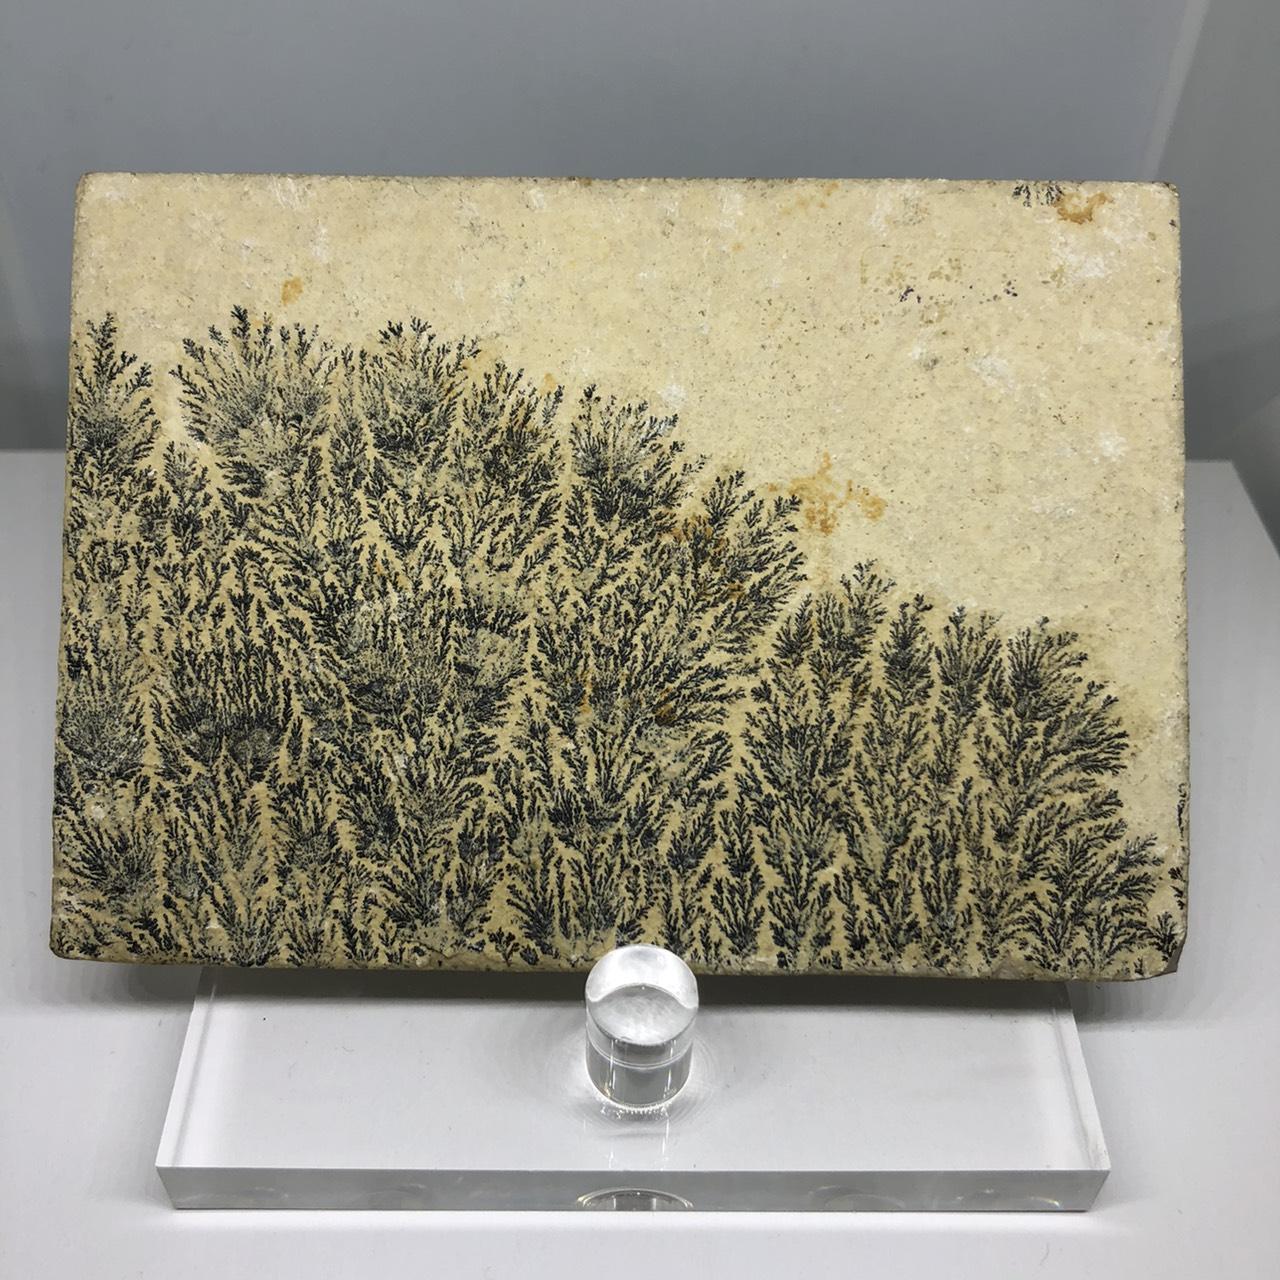 圖示-氧化錳樹枝石(Manganese Dendrites)